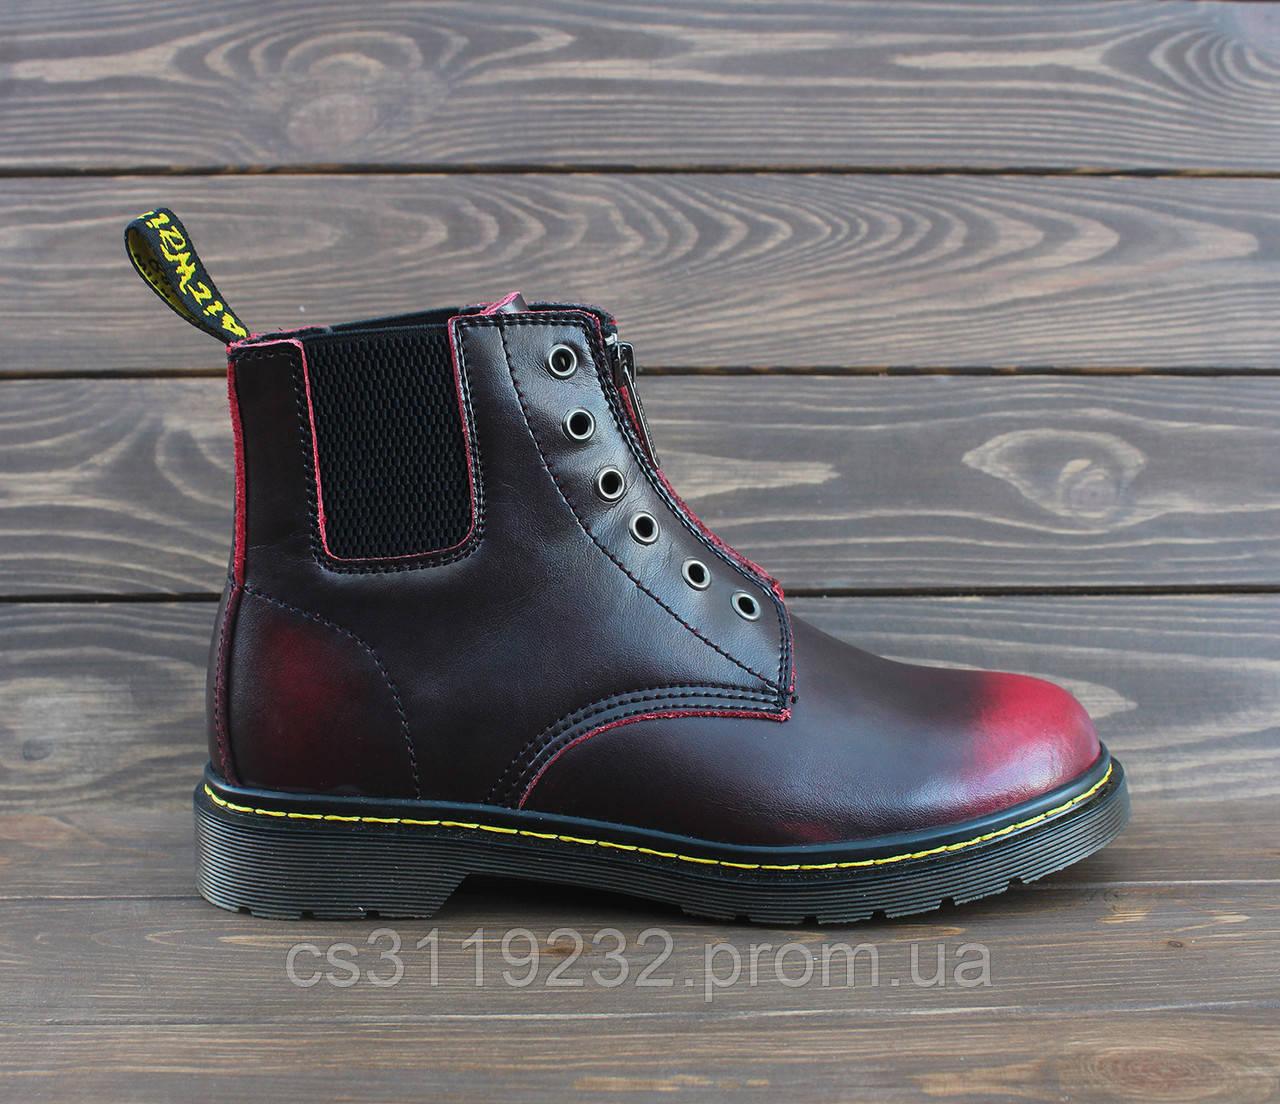 Женские ботинки Dr.Martens 101 GUSSET Red демисезонные (вишневые)